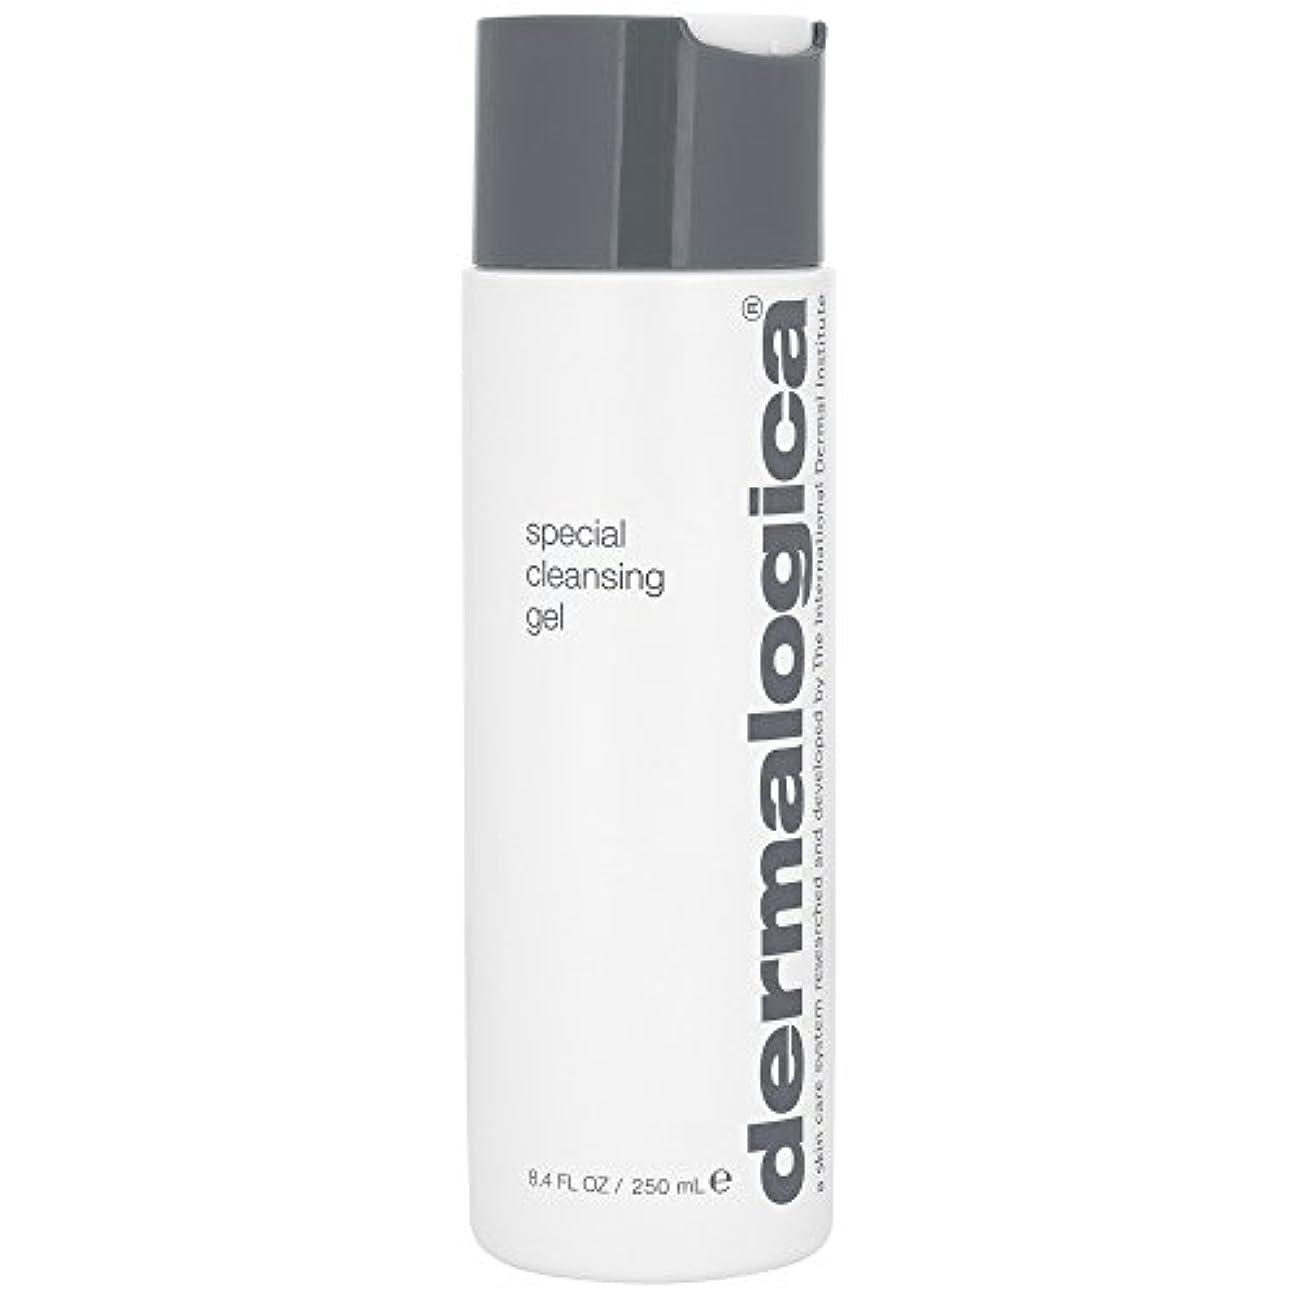 ギャラントリーすべきピストルダーマロジカ特別なクレンジングゲル250ミリリットル (Dermalogica) (x6) - Dermalogica Special Cleansing Gel 250ml (Pack of 6) [並行輸入品]